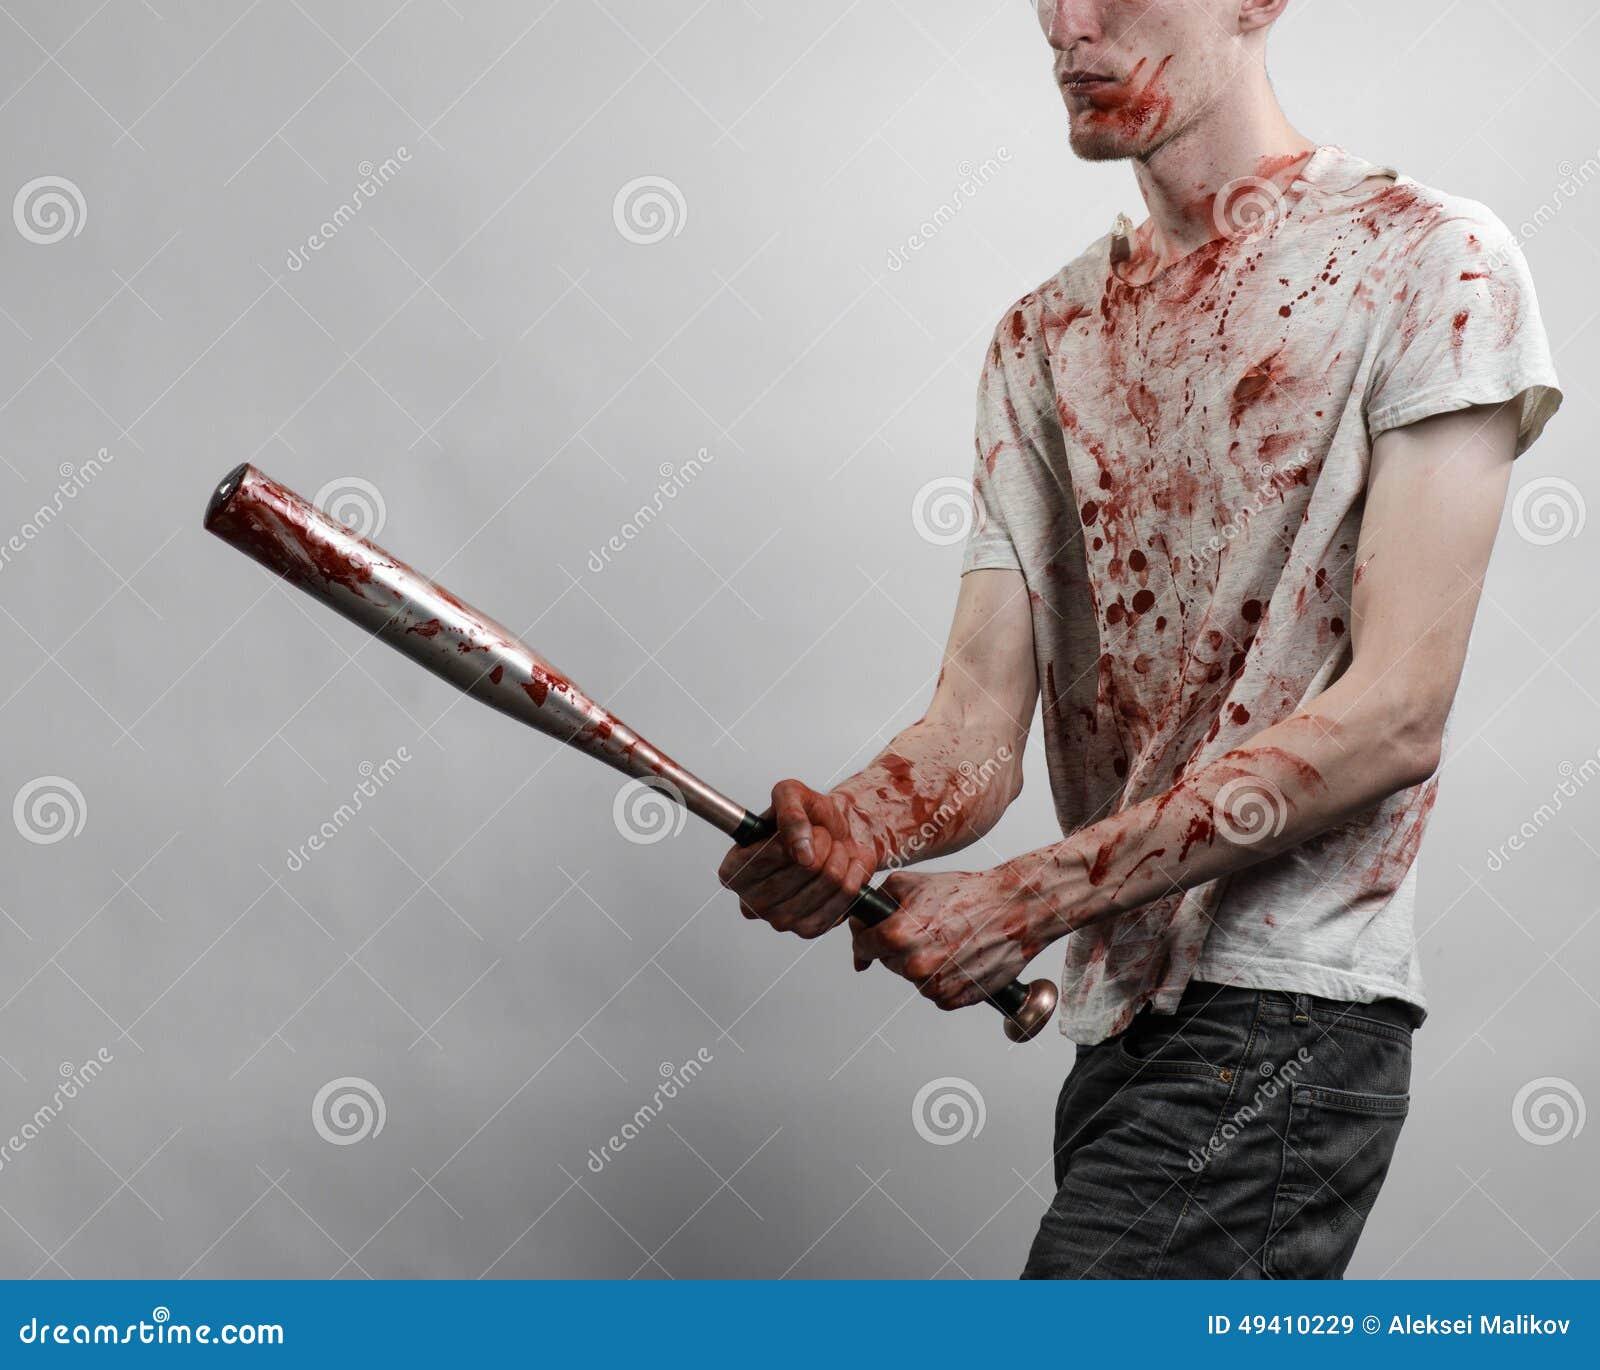 Download Blutiges Thema: Der Kerl In Einem Blutigen T-Shirt, Das Einen Blutigen Schläger Auf Einem Weißen Hintergrund Hält Stockbild - Bild von gefahr, rowdy: 49410229